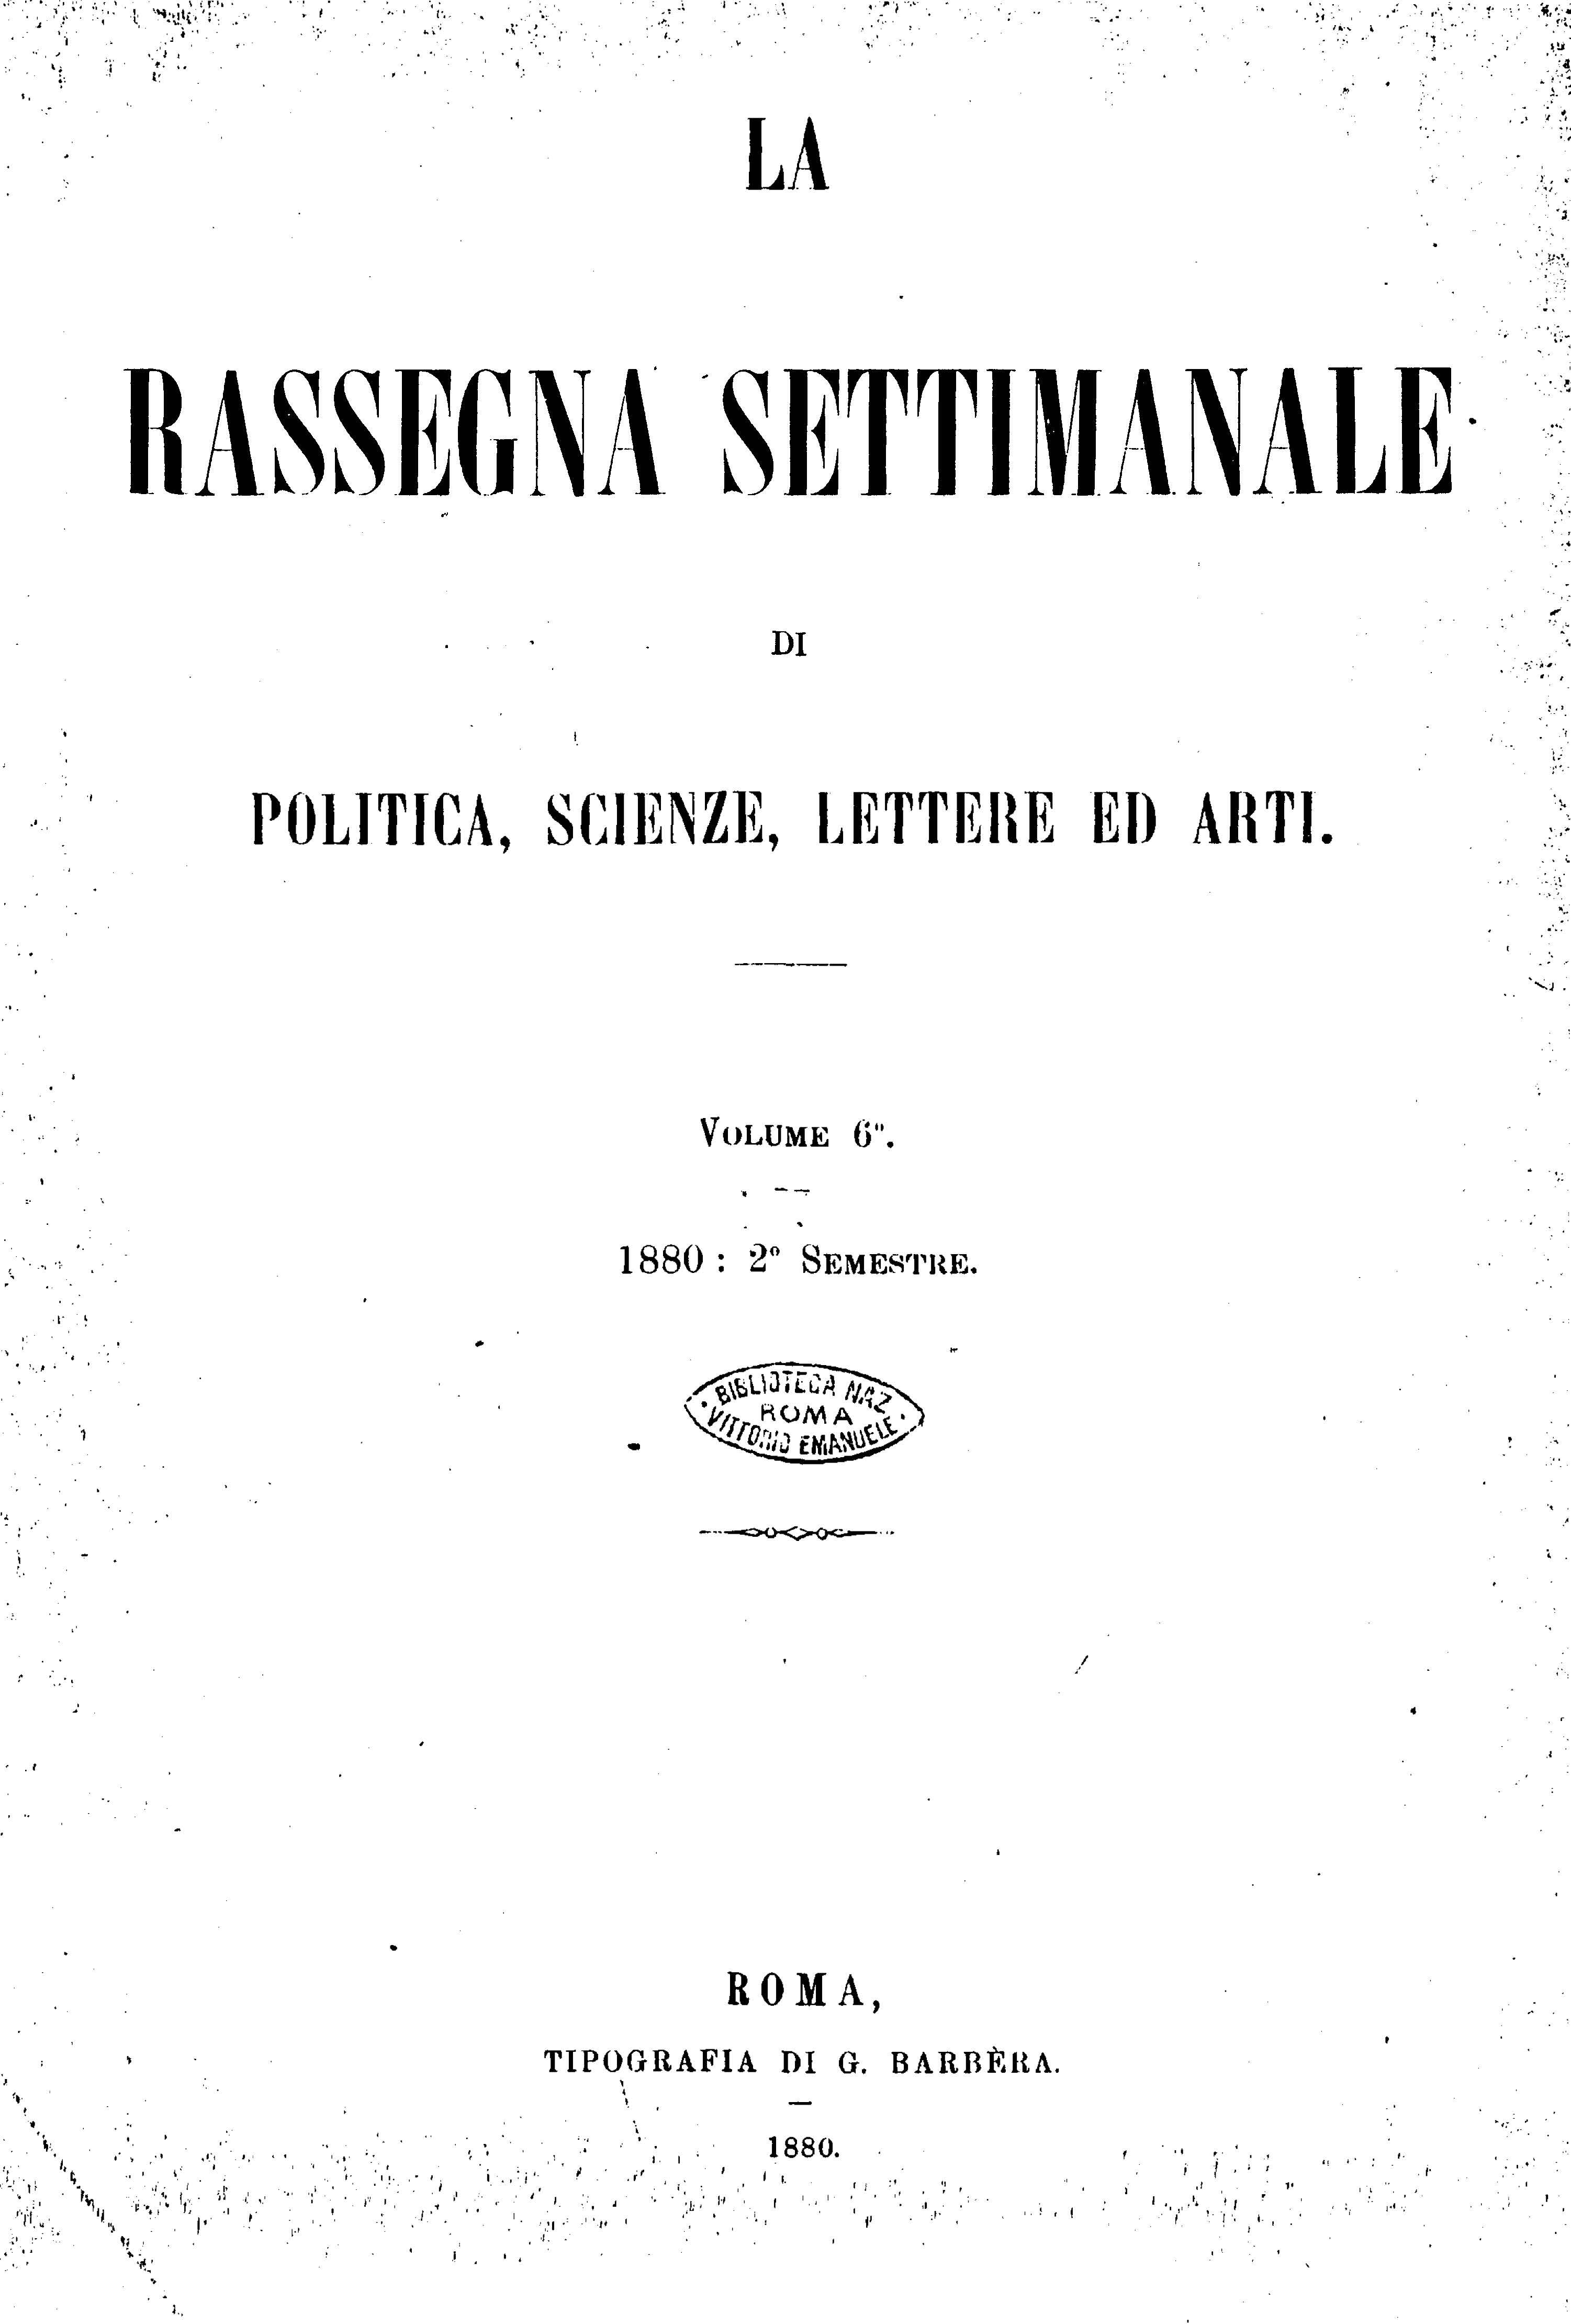 Fascicolo 133 - Volume 6 - 1880 - Semestre 2 - Trimestre 1